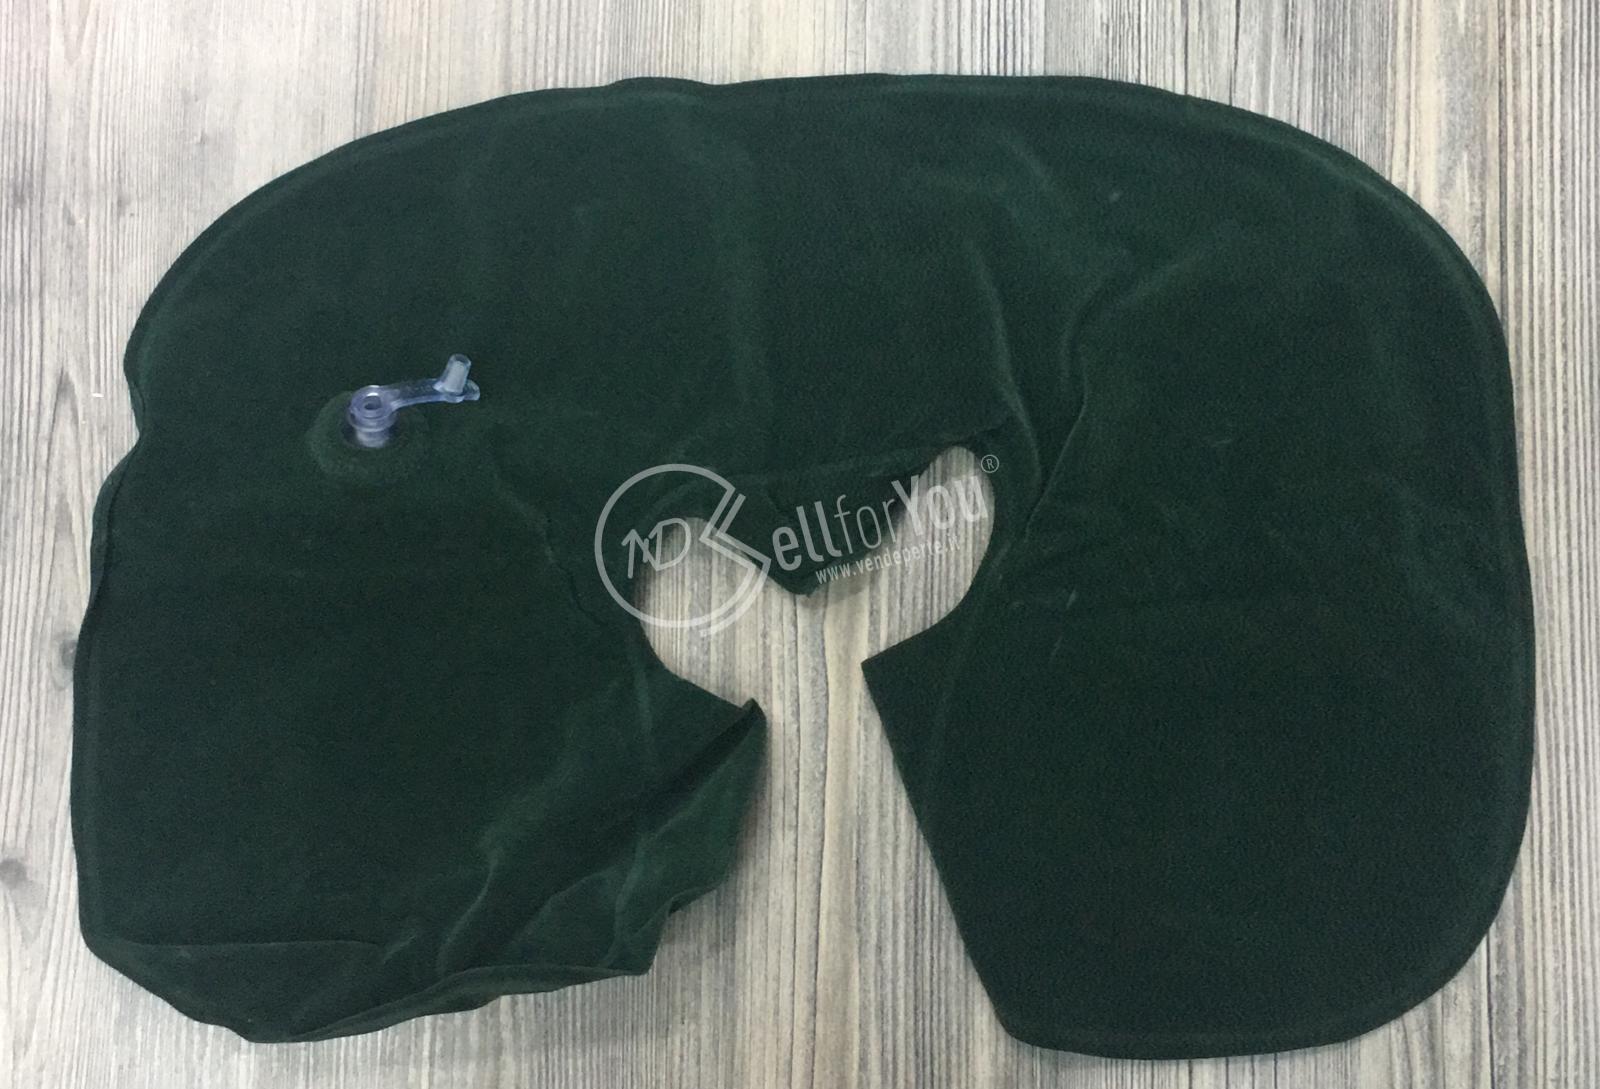 sellforyou immagine default articolo correlato non trovatoCuscino collare 46x28 cm Beaver Brand colore verde